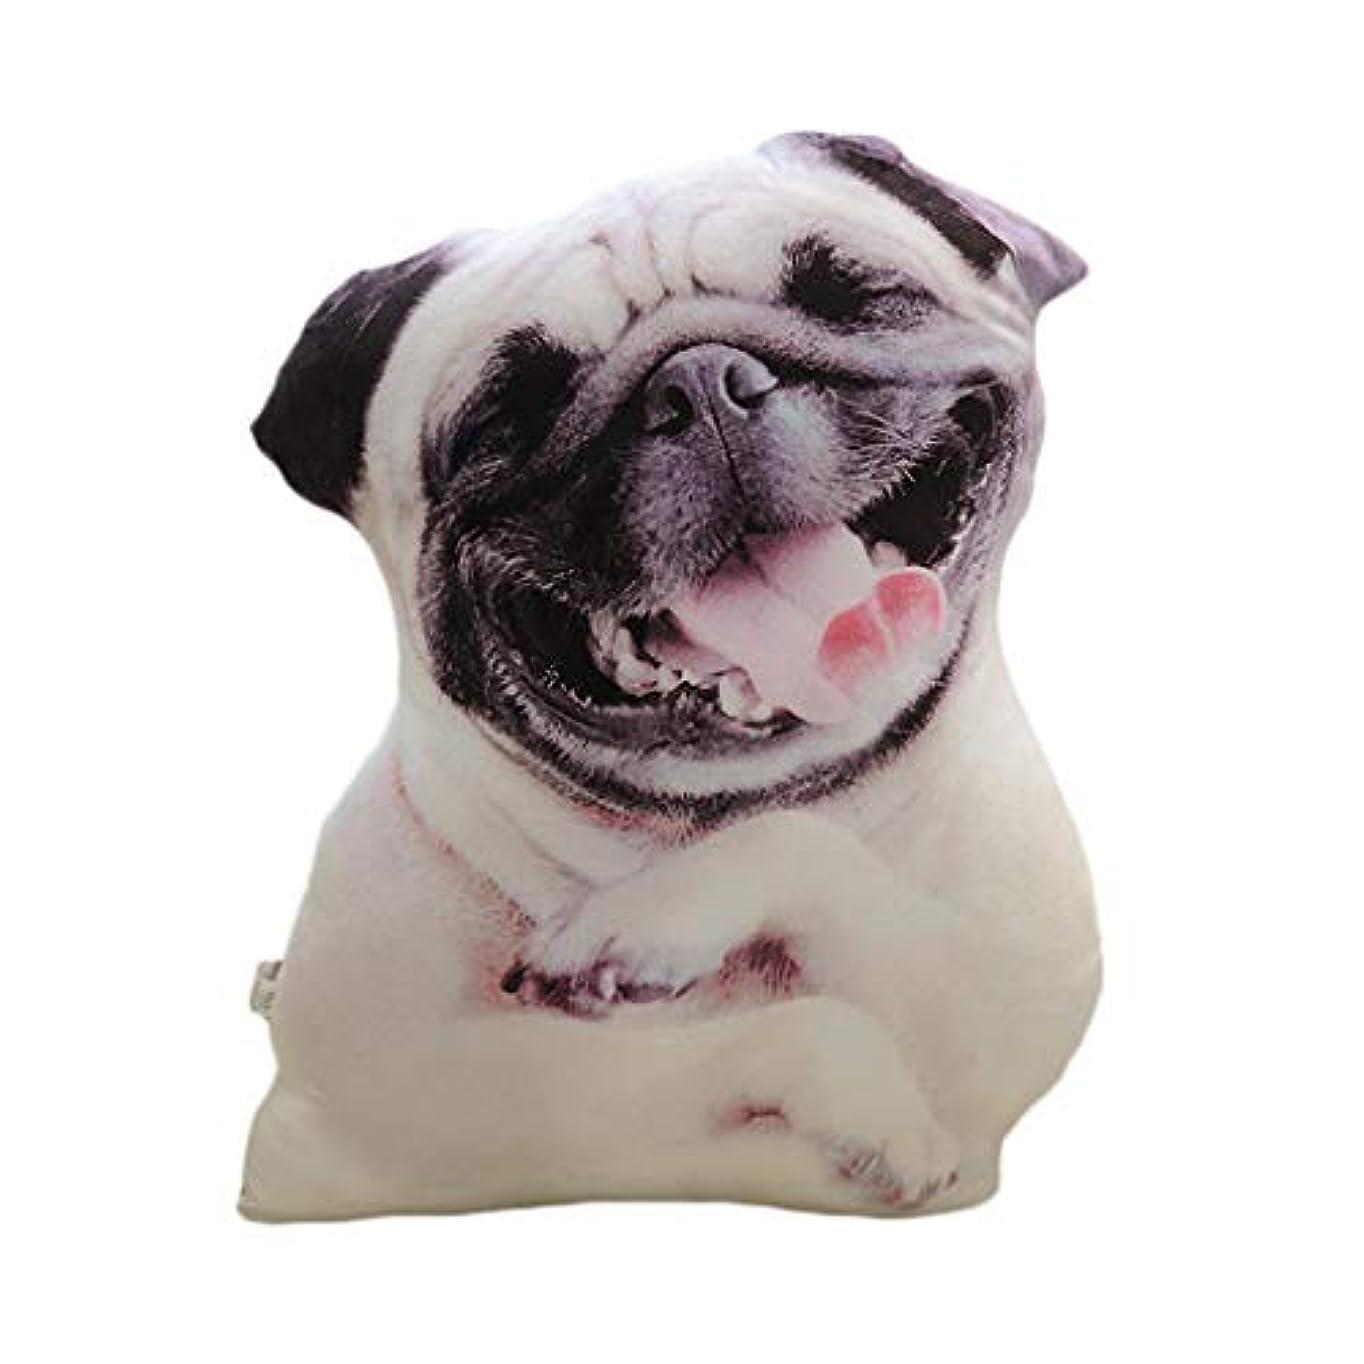 恩赦規制床を掃除するLIFE 装飾クッションソファおかしい 3D 犬印刷スロー枕創造クッションかわいいぬいぐるみギフト家の装飾 coussin decoratif クッション 椅子